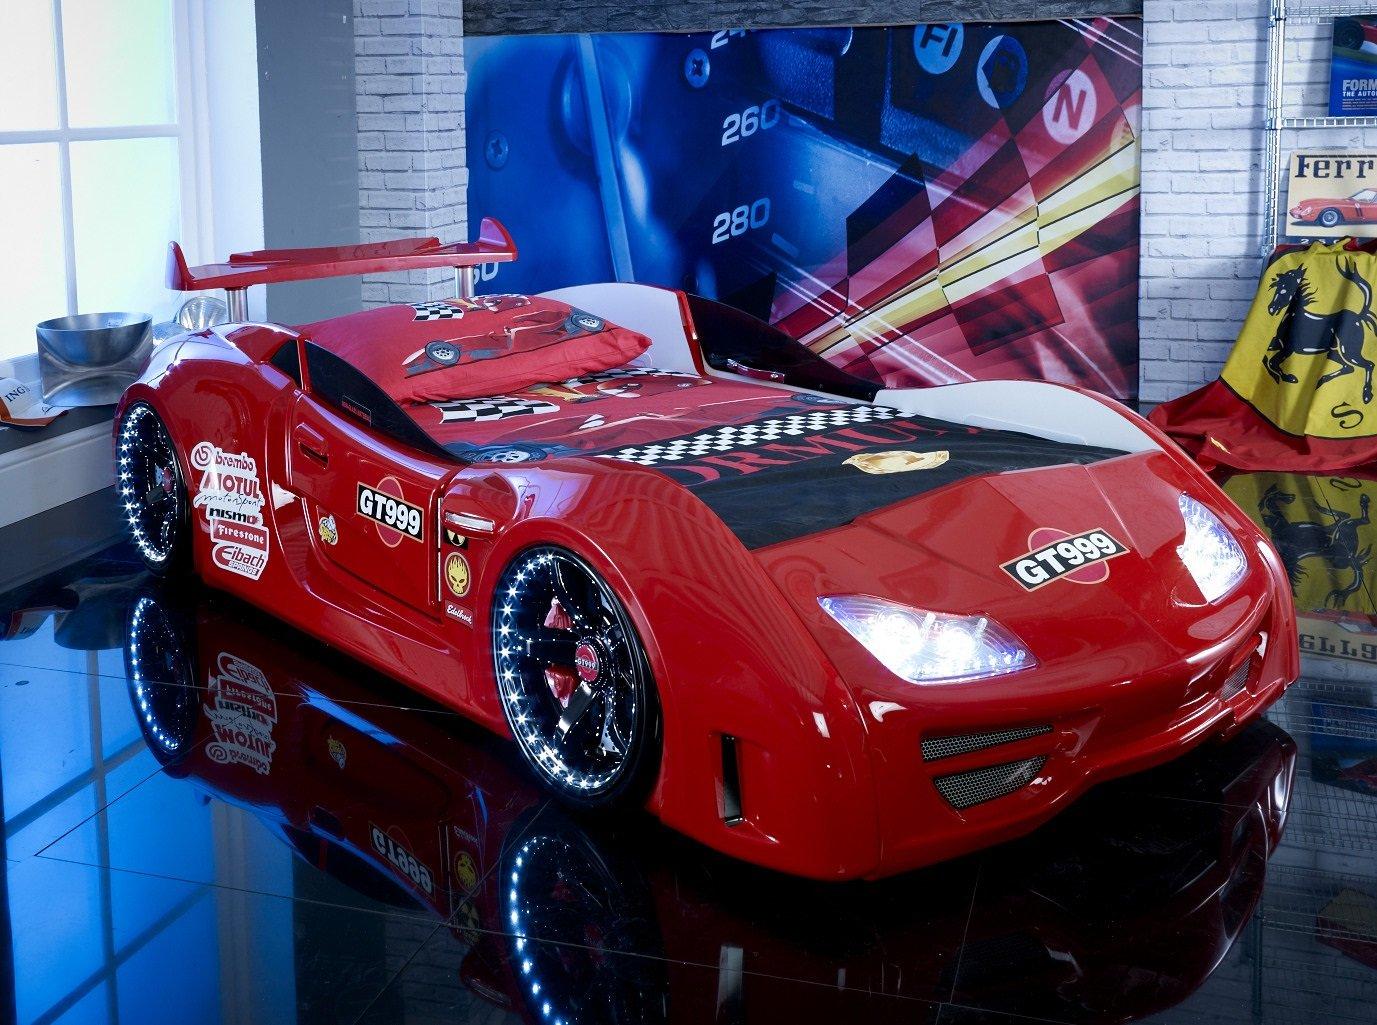 Letto A Forma Di Auto.Carbed Shop Gt999 Letto Per Bambino A Forma Di Auto Da Corsa